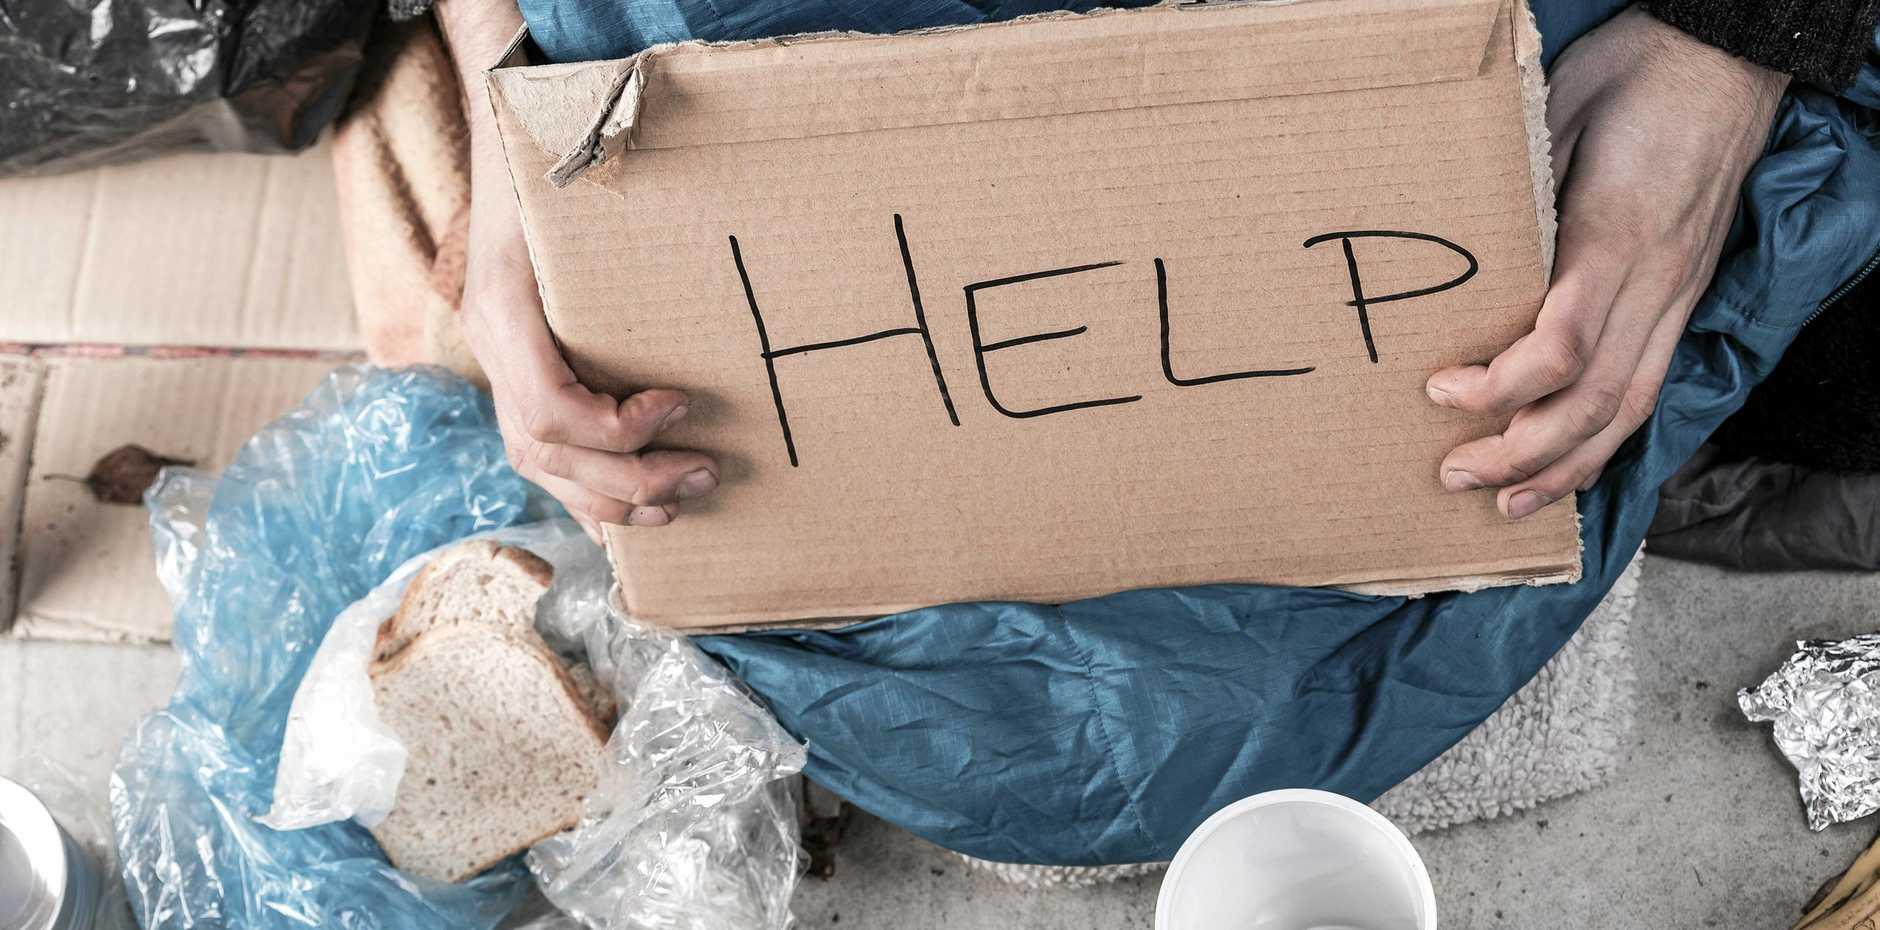 Homeless man on the street asking for money